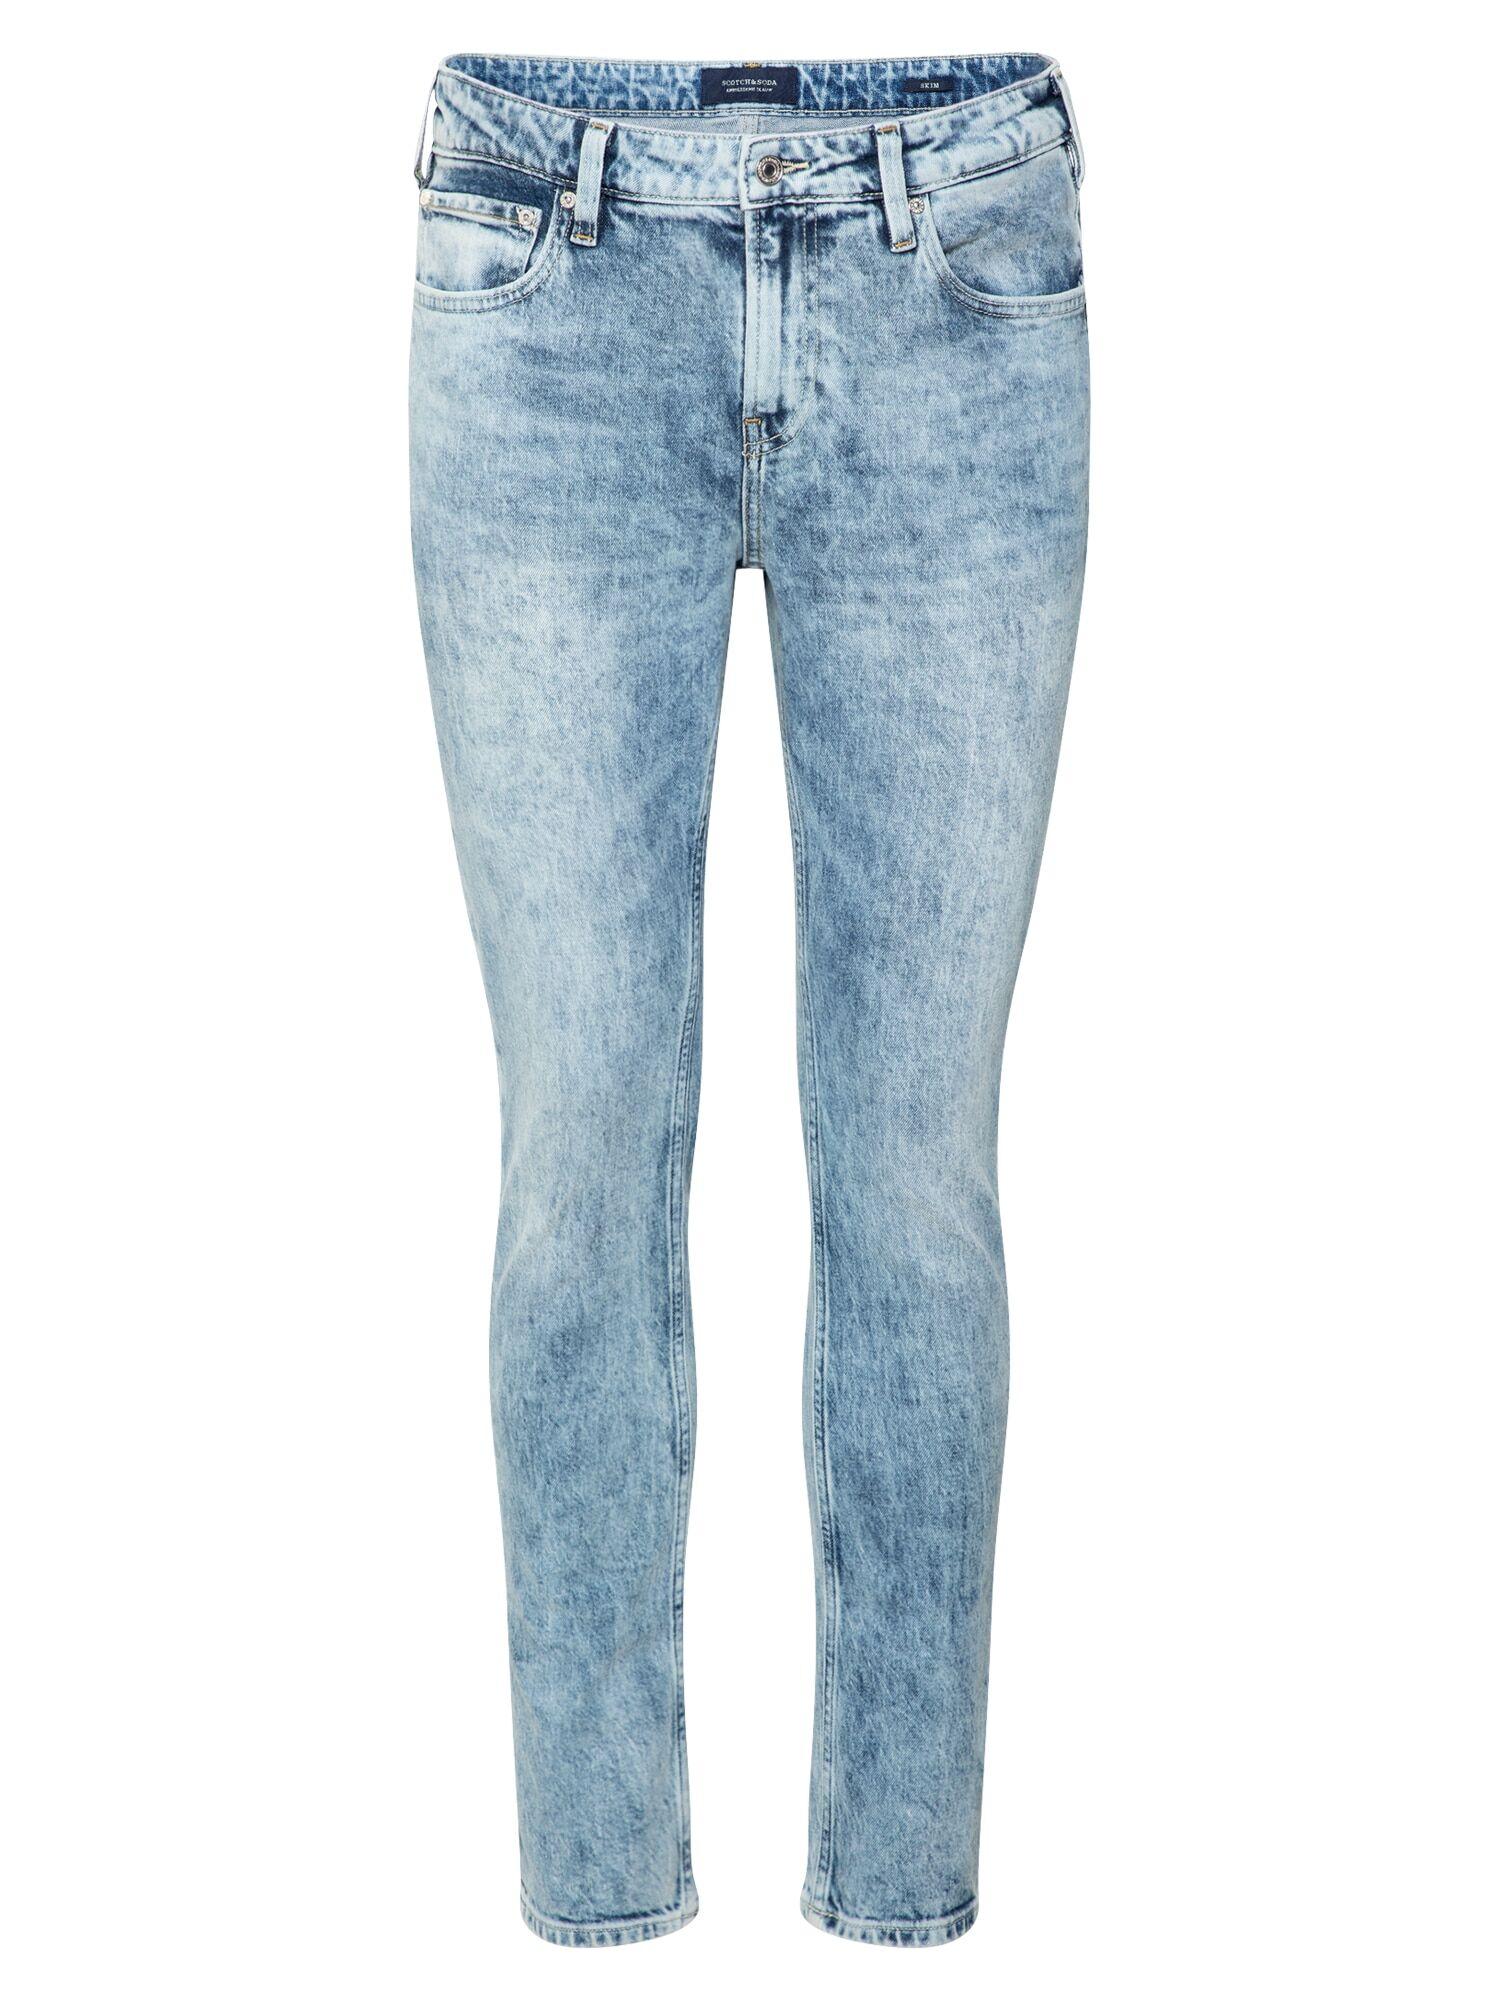 SCOTCH & SODA Jean 'Timeworn'  - Bleu - Taille: 34 - male